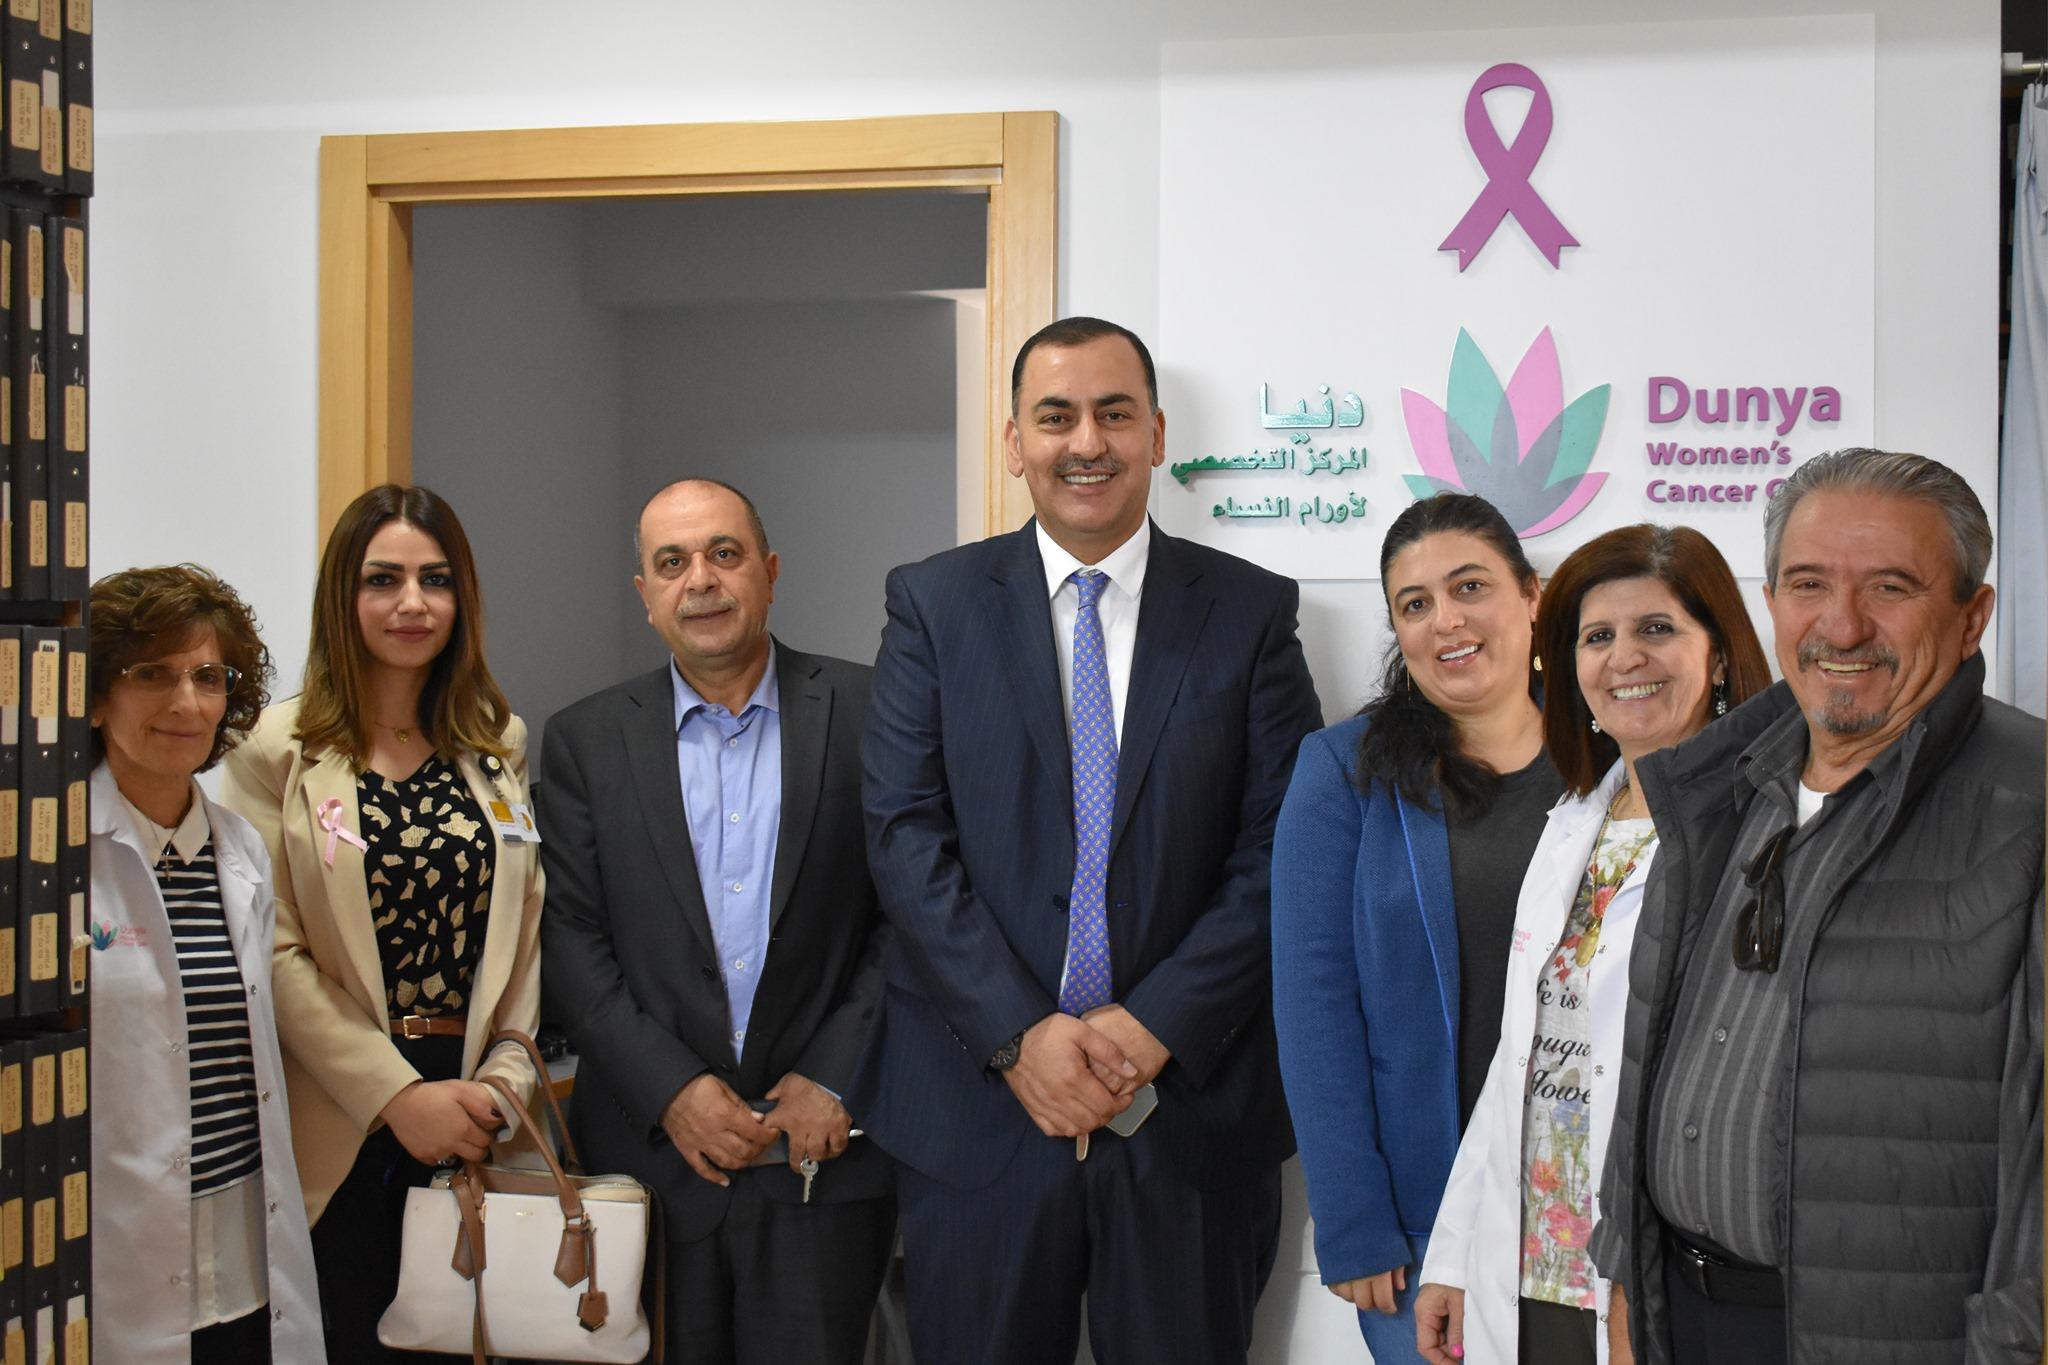 غرفة تجارة وصناعة رام الله والبيرة تزور مركز دنيا التخصصي لأورام النساء